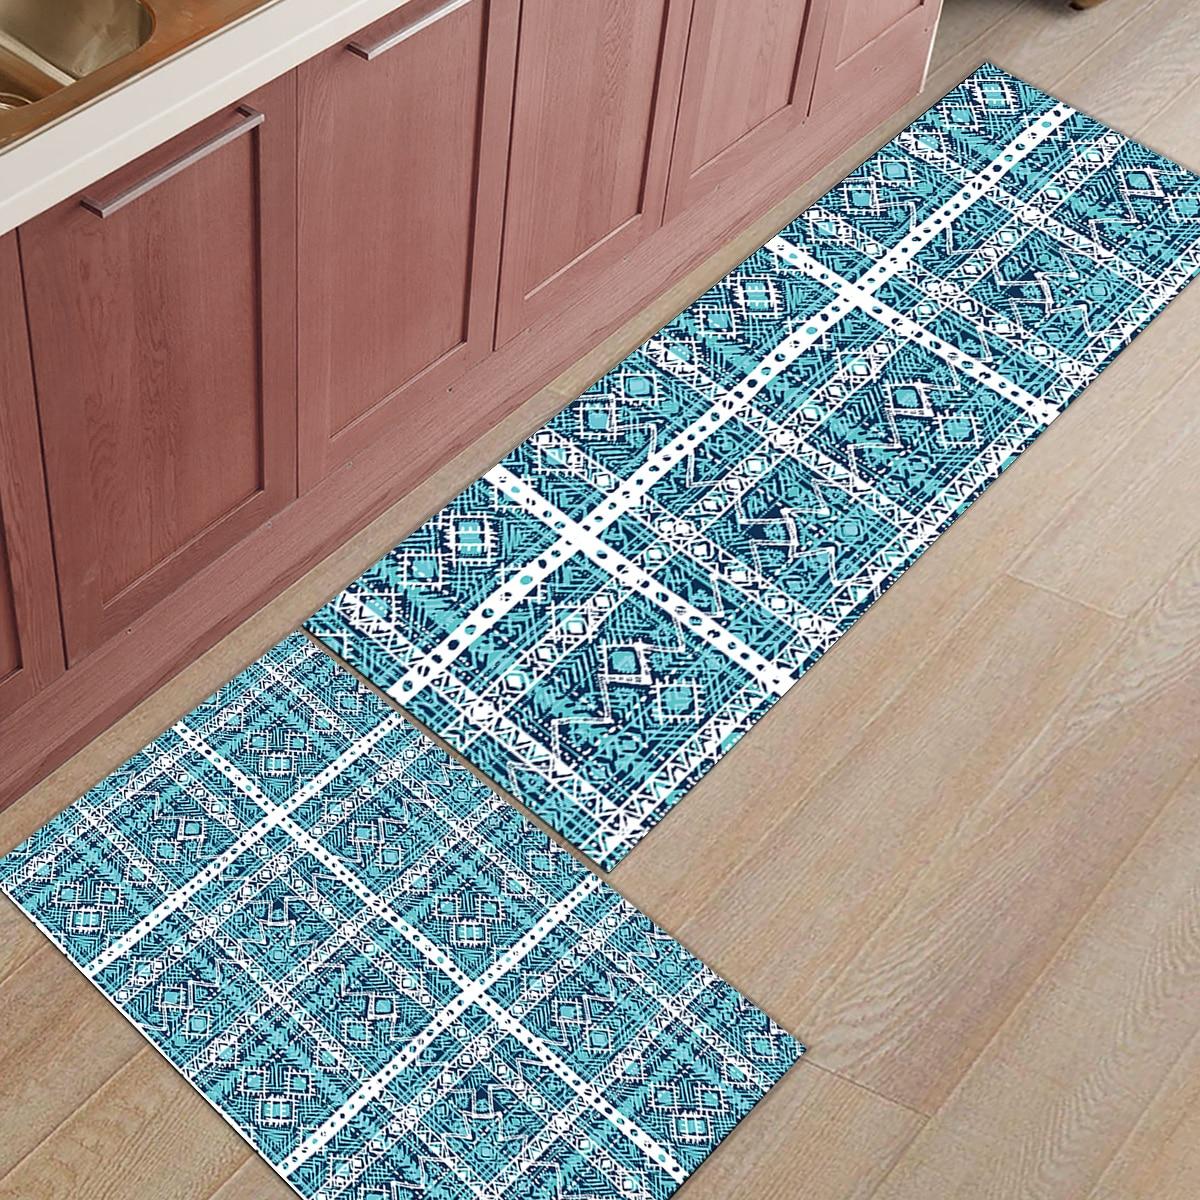 Tapis de cuisine moderne maroc géométrique 2 pièces chaussures de démarrage grattoir accessoire ensembles tapis de sol zone de coco naturelle coureurs tapis d'accent